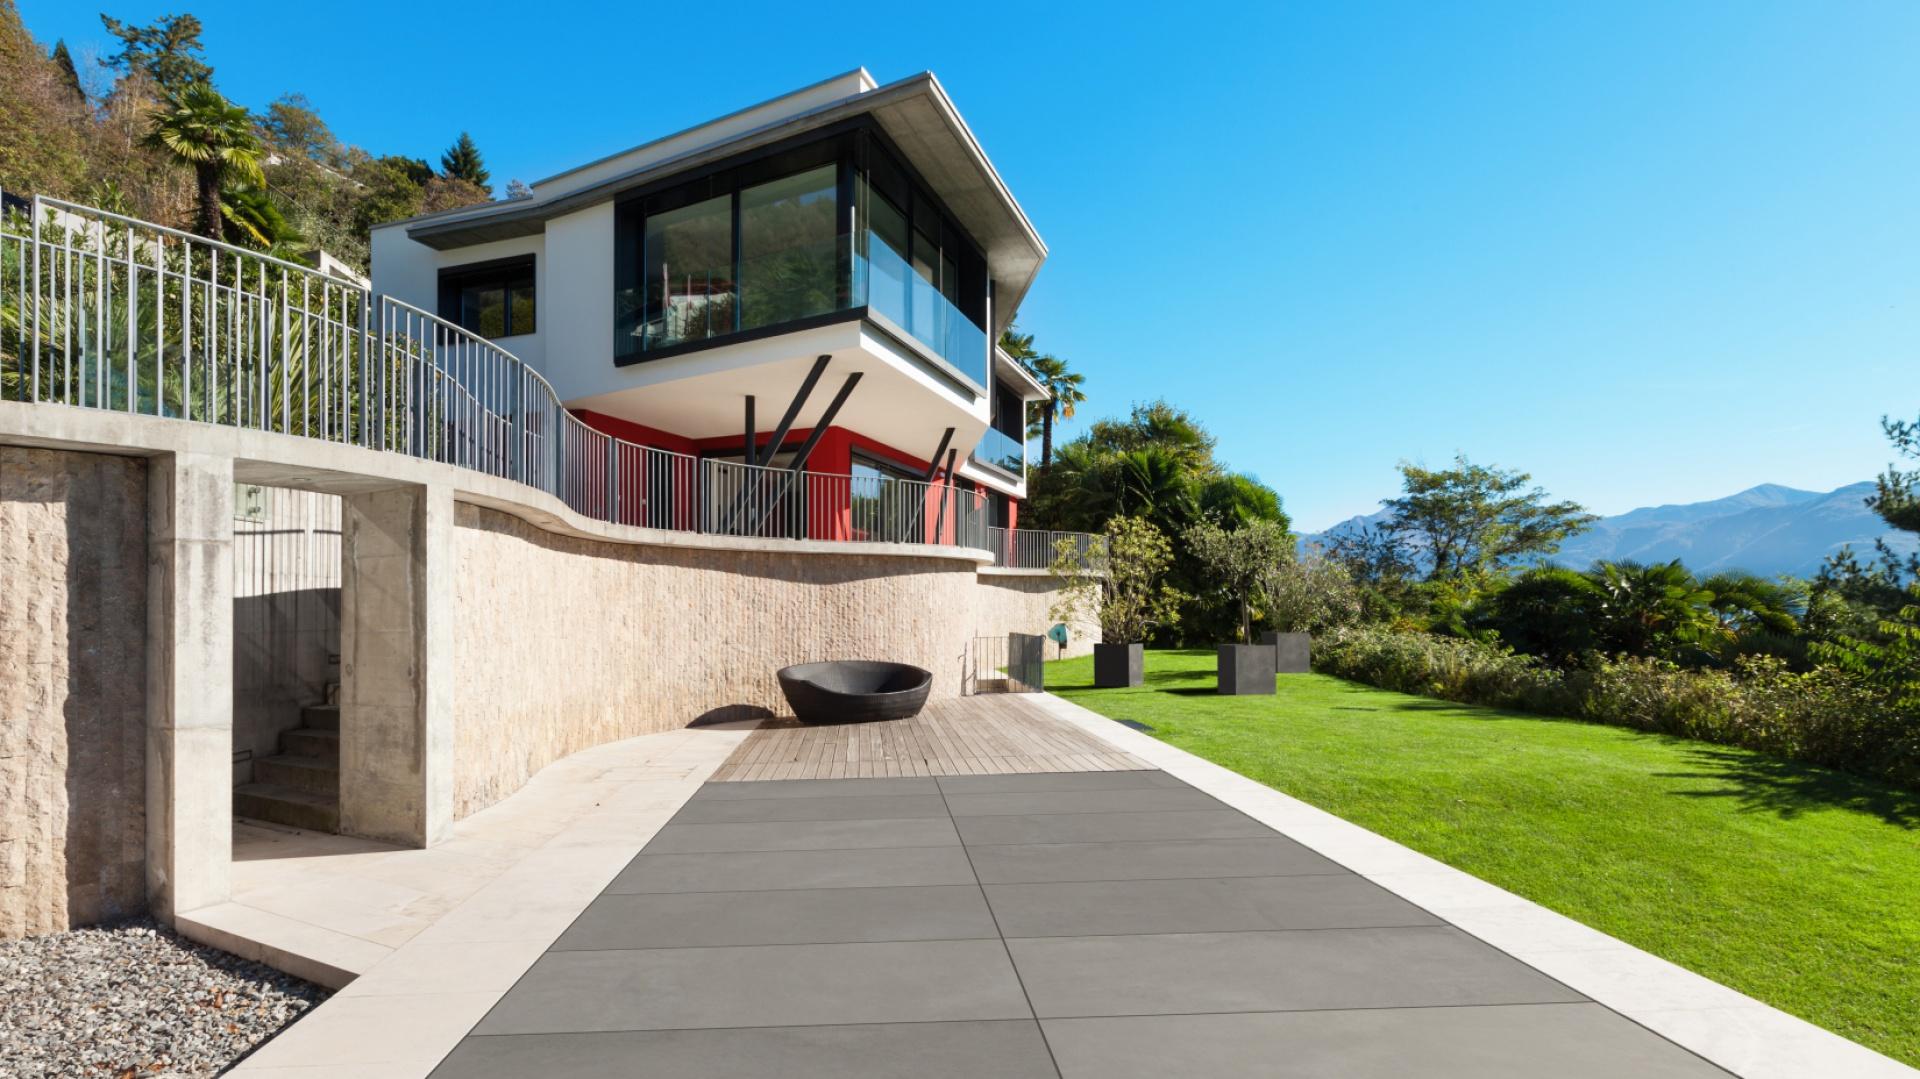 Otwarcie na ogród, brak balustrady i krótko przystrzyżony zielony trawnik w bezpośrednim sąsiedztwie tarasu – to wszystko sprawia, że w nowoczesnych projektach płynnie zanika granica między tarasem a zielonym terenem wokół domu. Betonowe płyty wpisują się w ten krajobraz idealnie. Na zdjęciu: płyta Slim, Modern Line